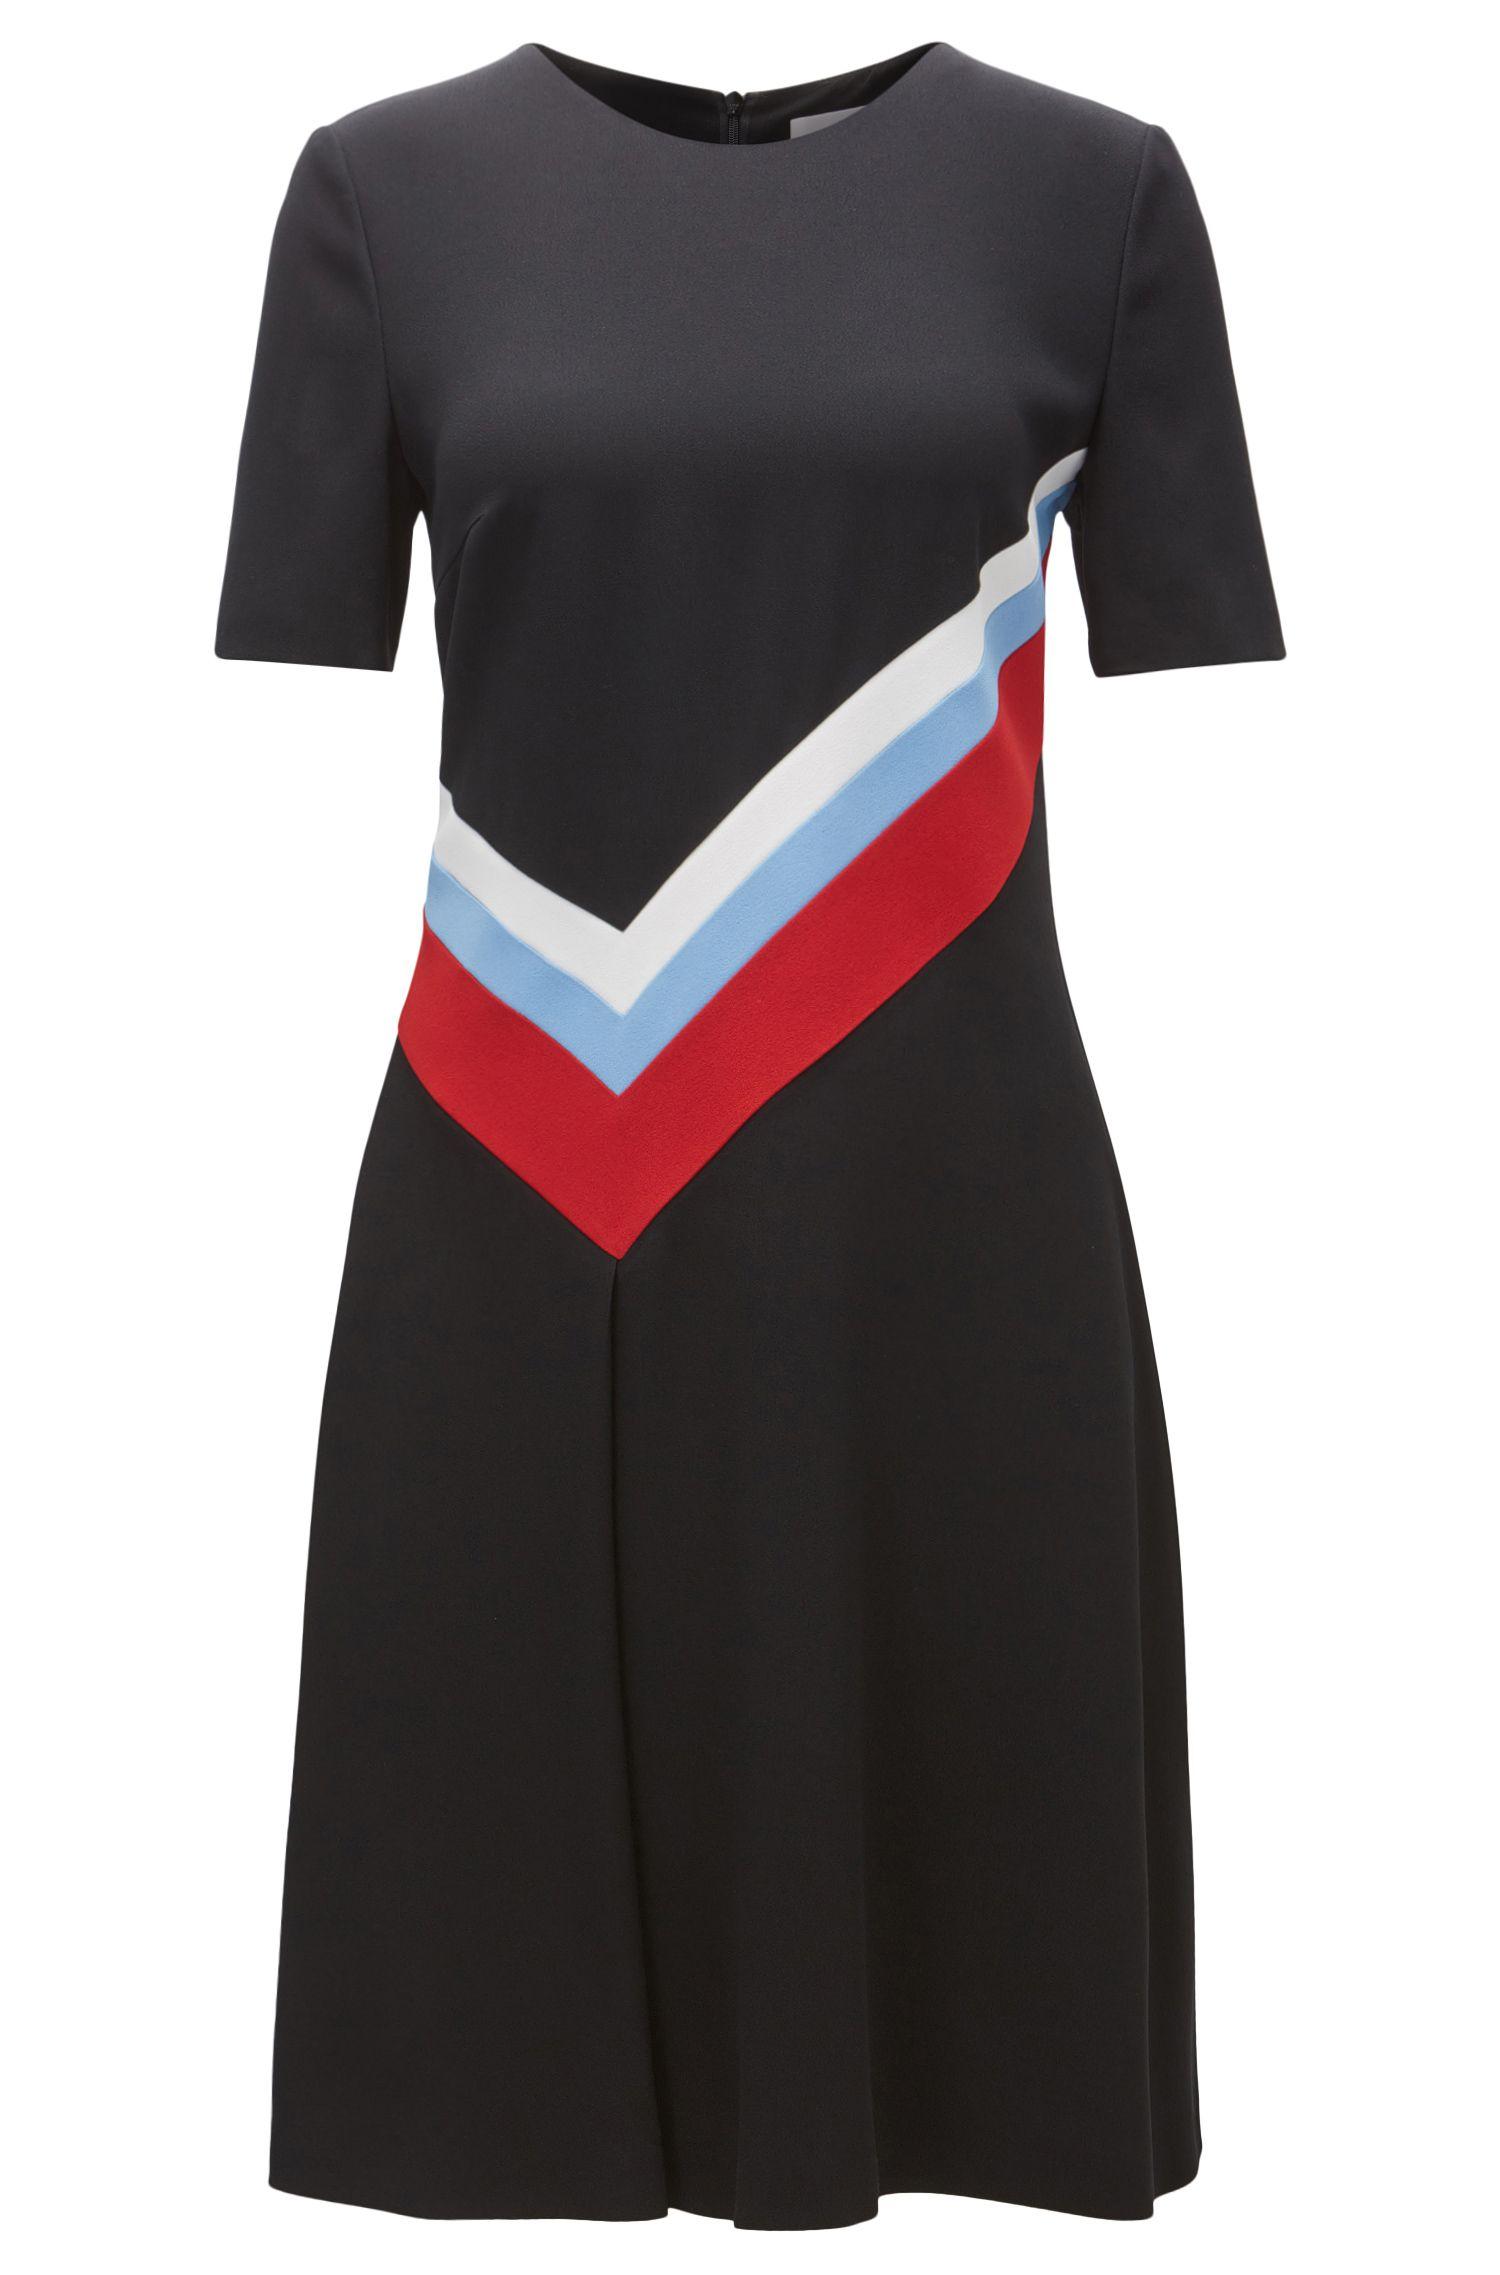 Kleid aus fein strukturiertem Krepp mit kurzen Ärmeln